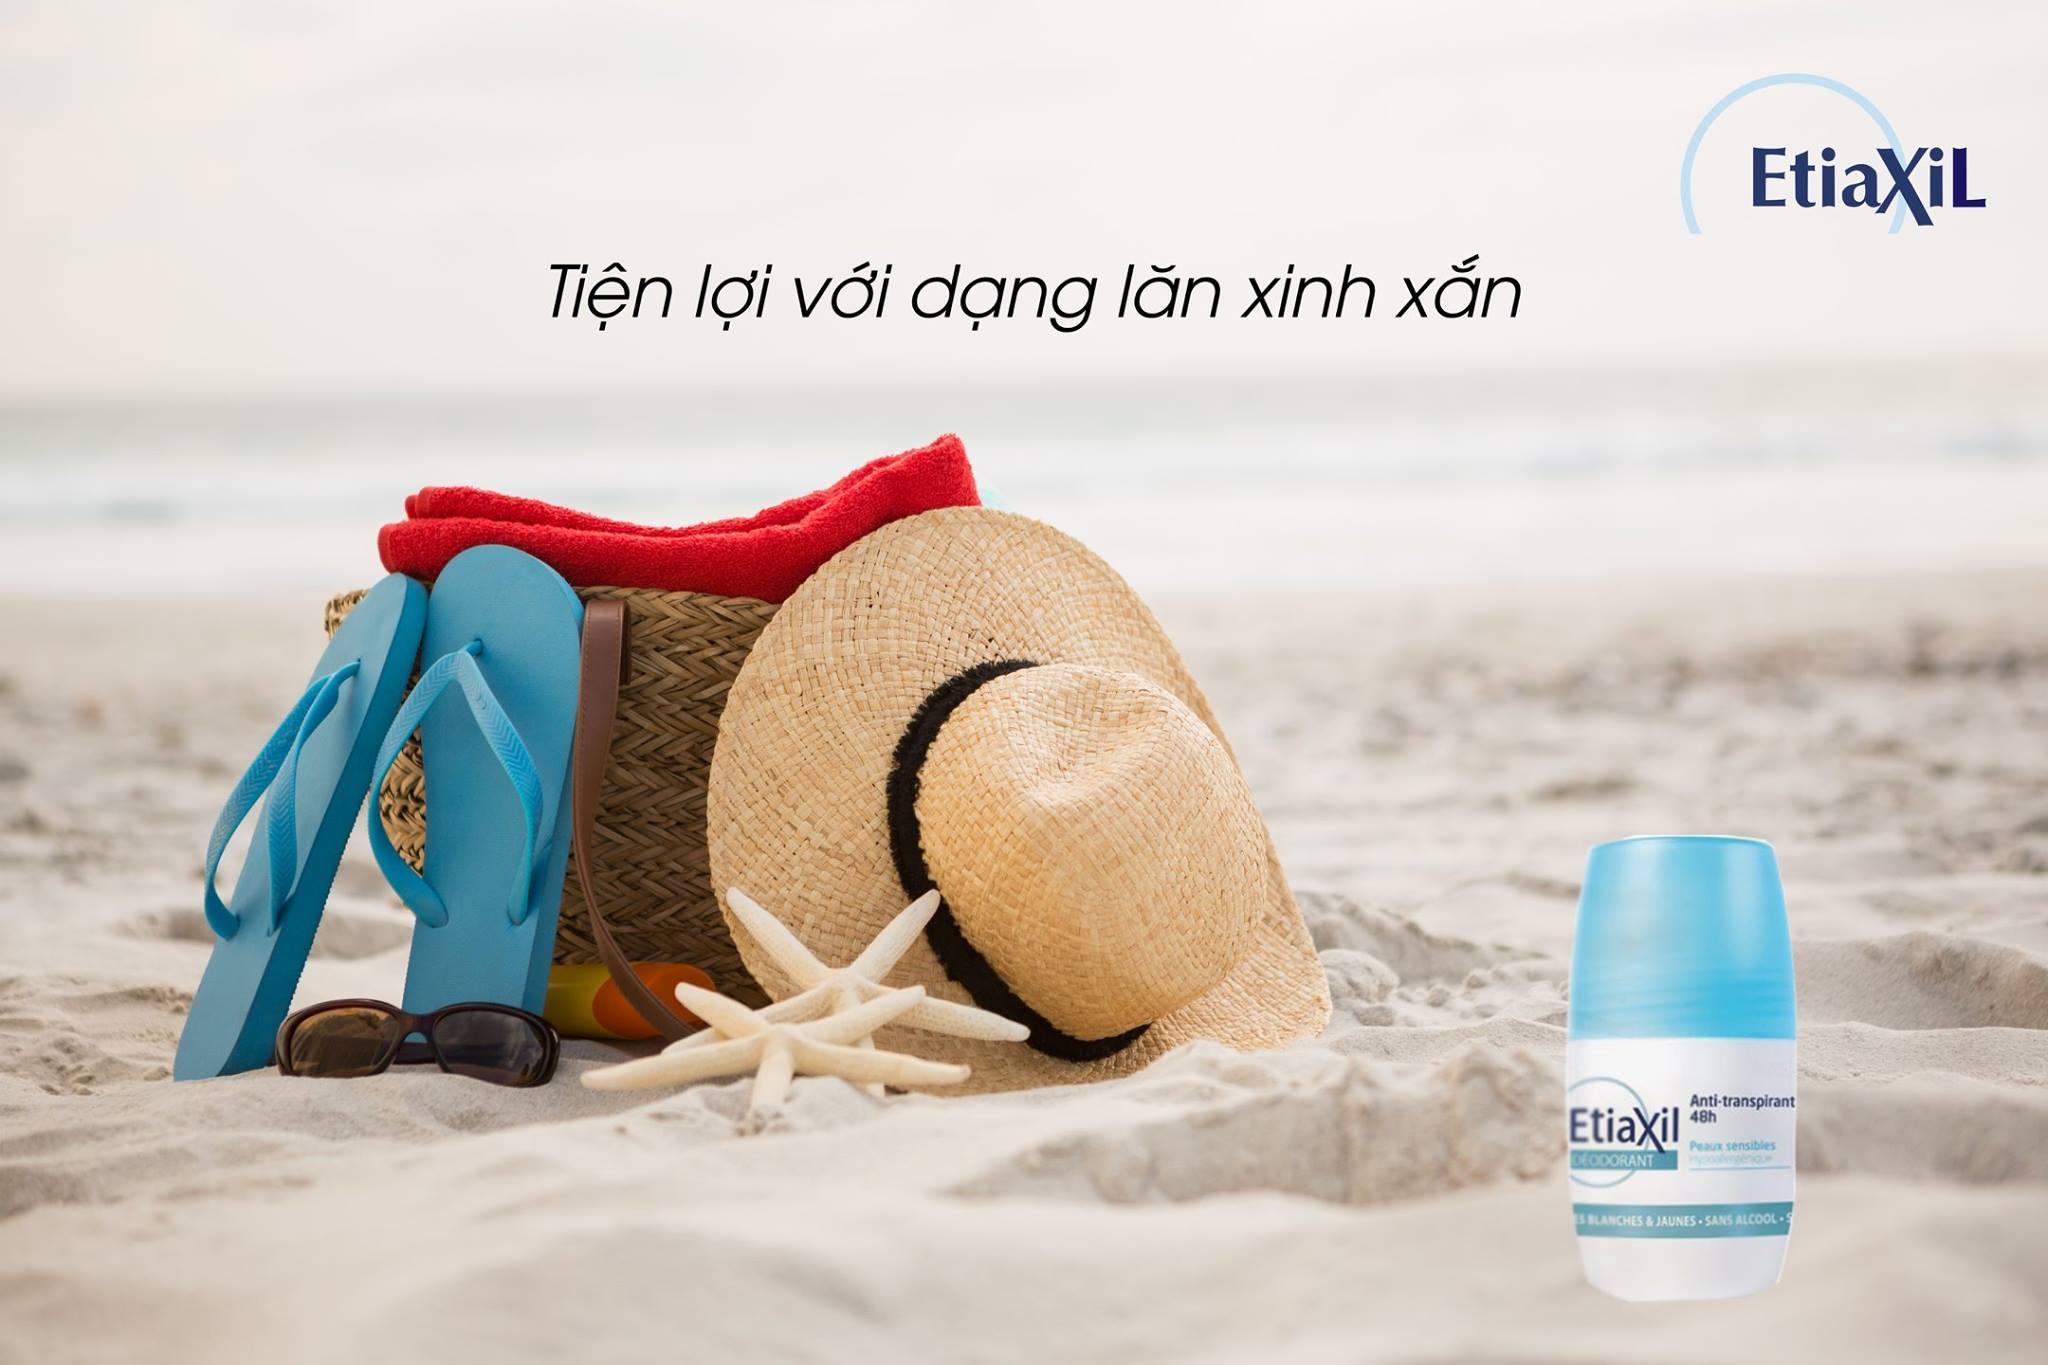 Lăn Khử Mùi Hàng Ngày Etiaxil Deodorant Anti Transpirant 48h 50ml + Tặng 1 Băng Đô Tai Mèo Xinh Xắn ( Màu Ngẫu Nhiên)